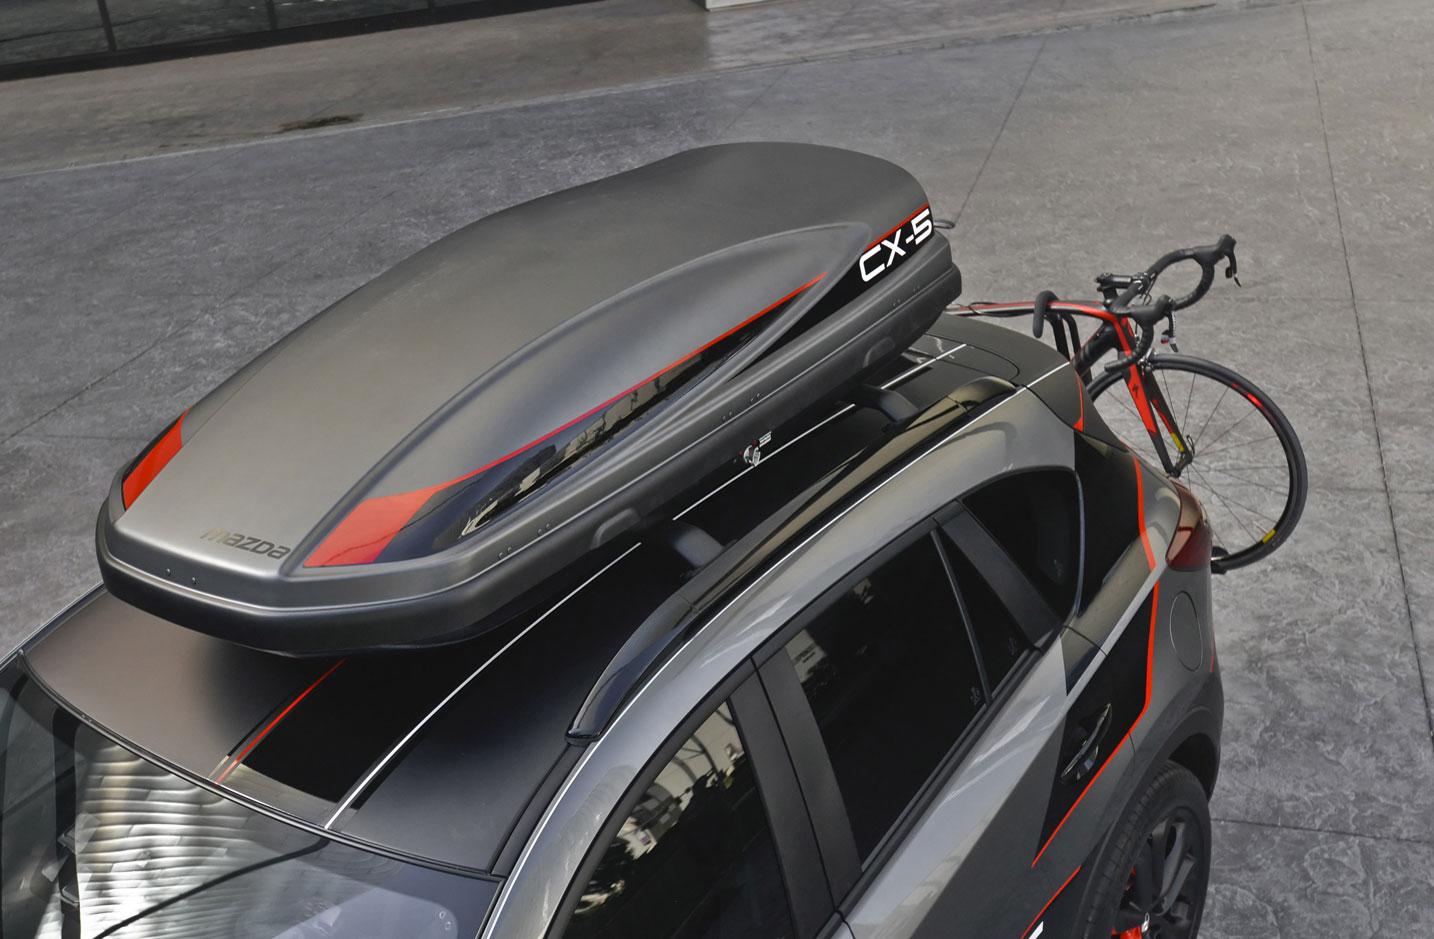 http://2.bp.blogspot.com/-eaFitIt0uc0/UR9U-wAA8xI/AAAAAAAAR8U/HIOf6WP0d-k/s1600/2013-Mazda-CX-5-Dempsey-roof.jpg